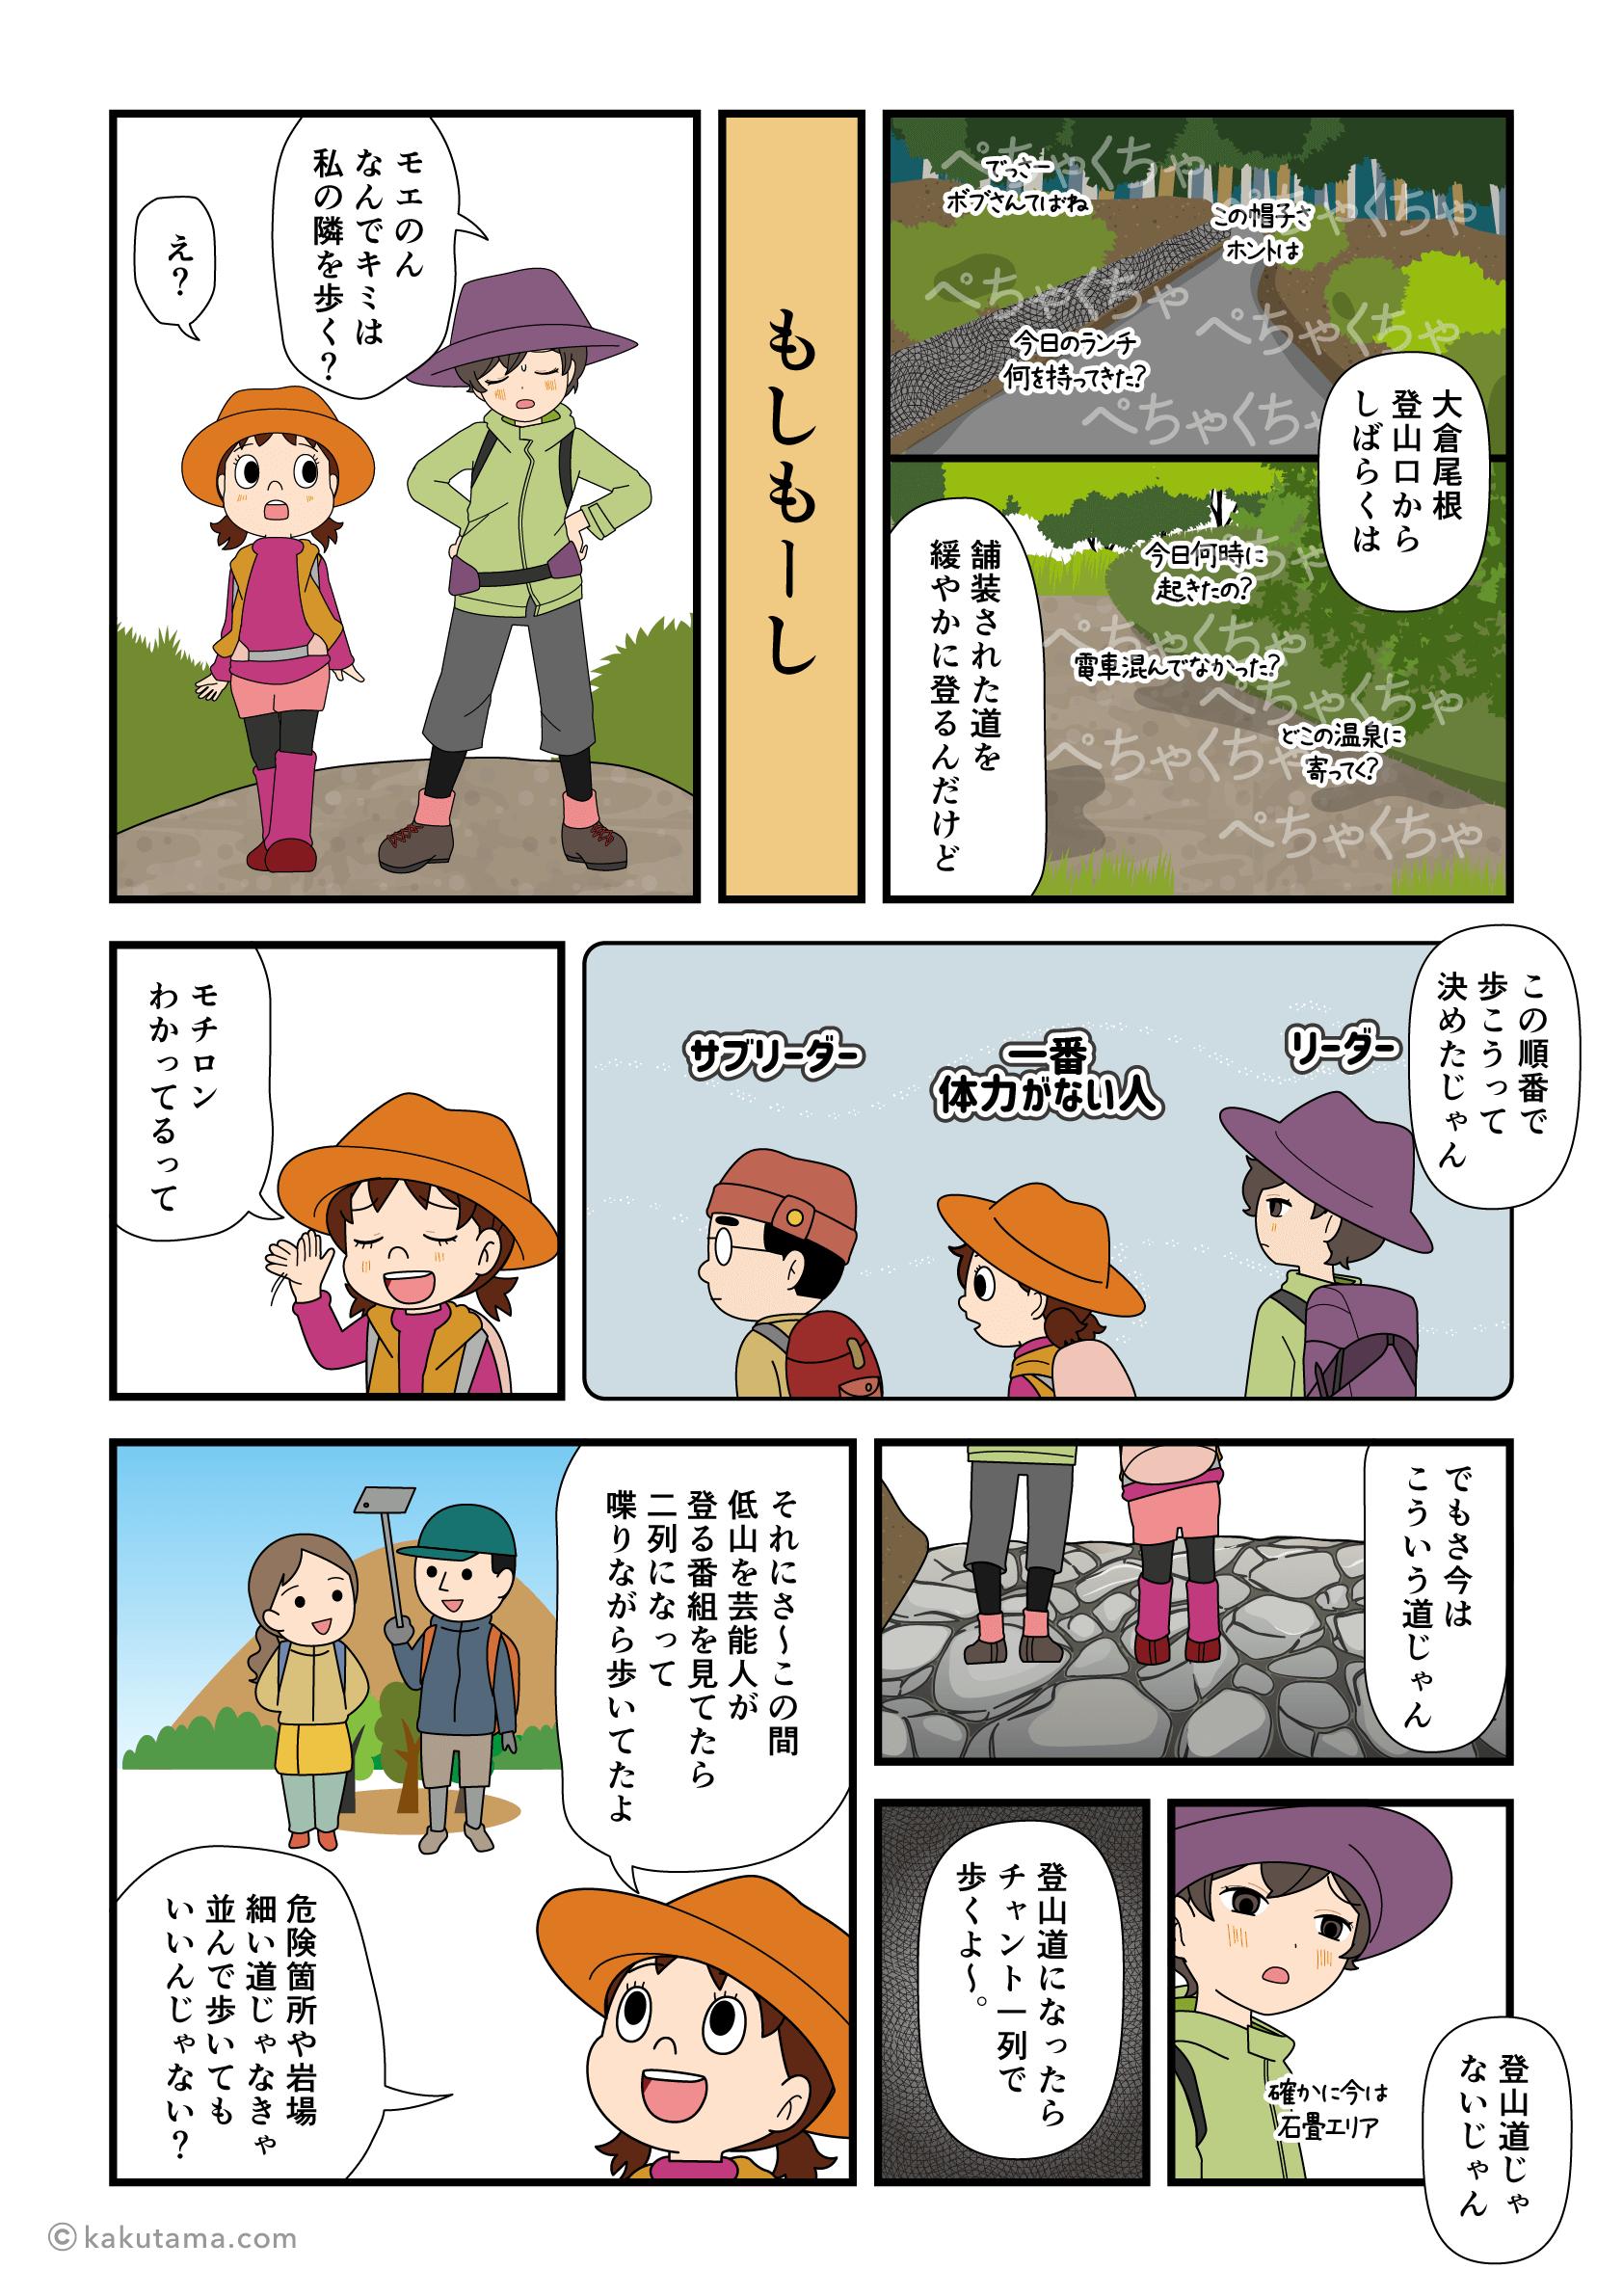 登山道を一列で歩くか横並びで歩くかを話す登山者たちの漫画